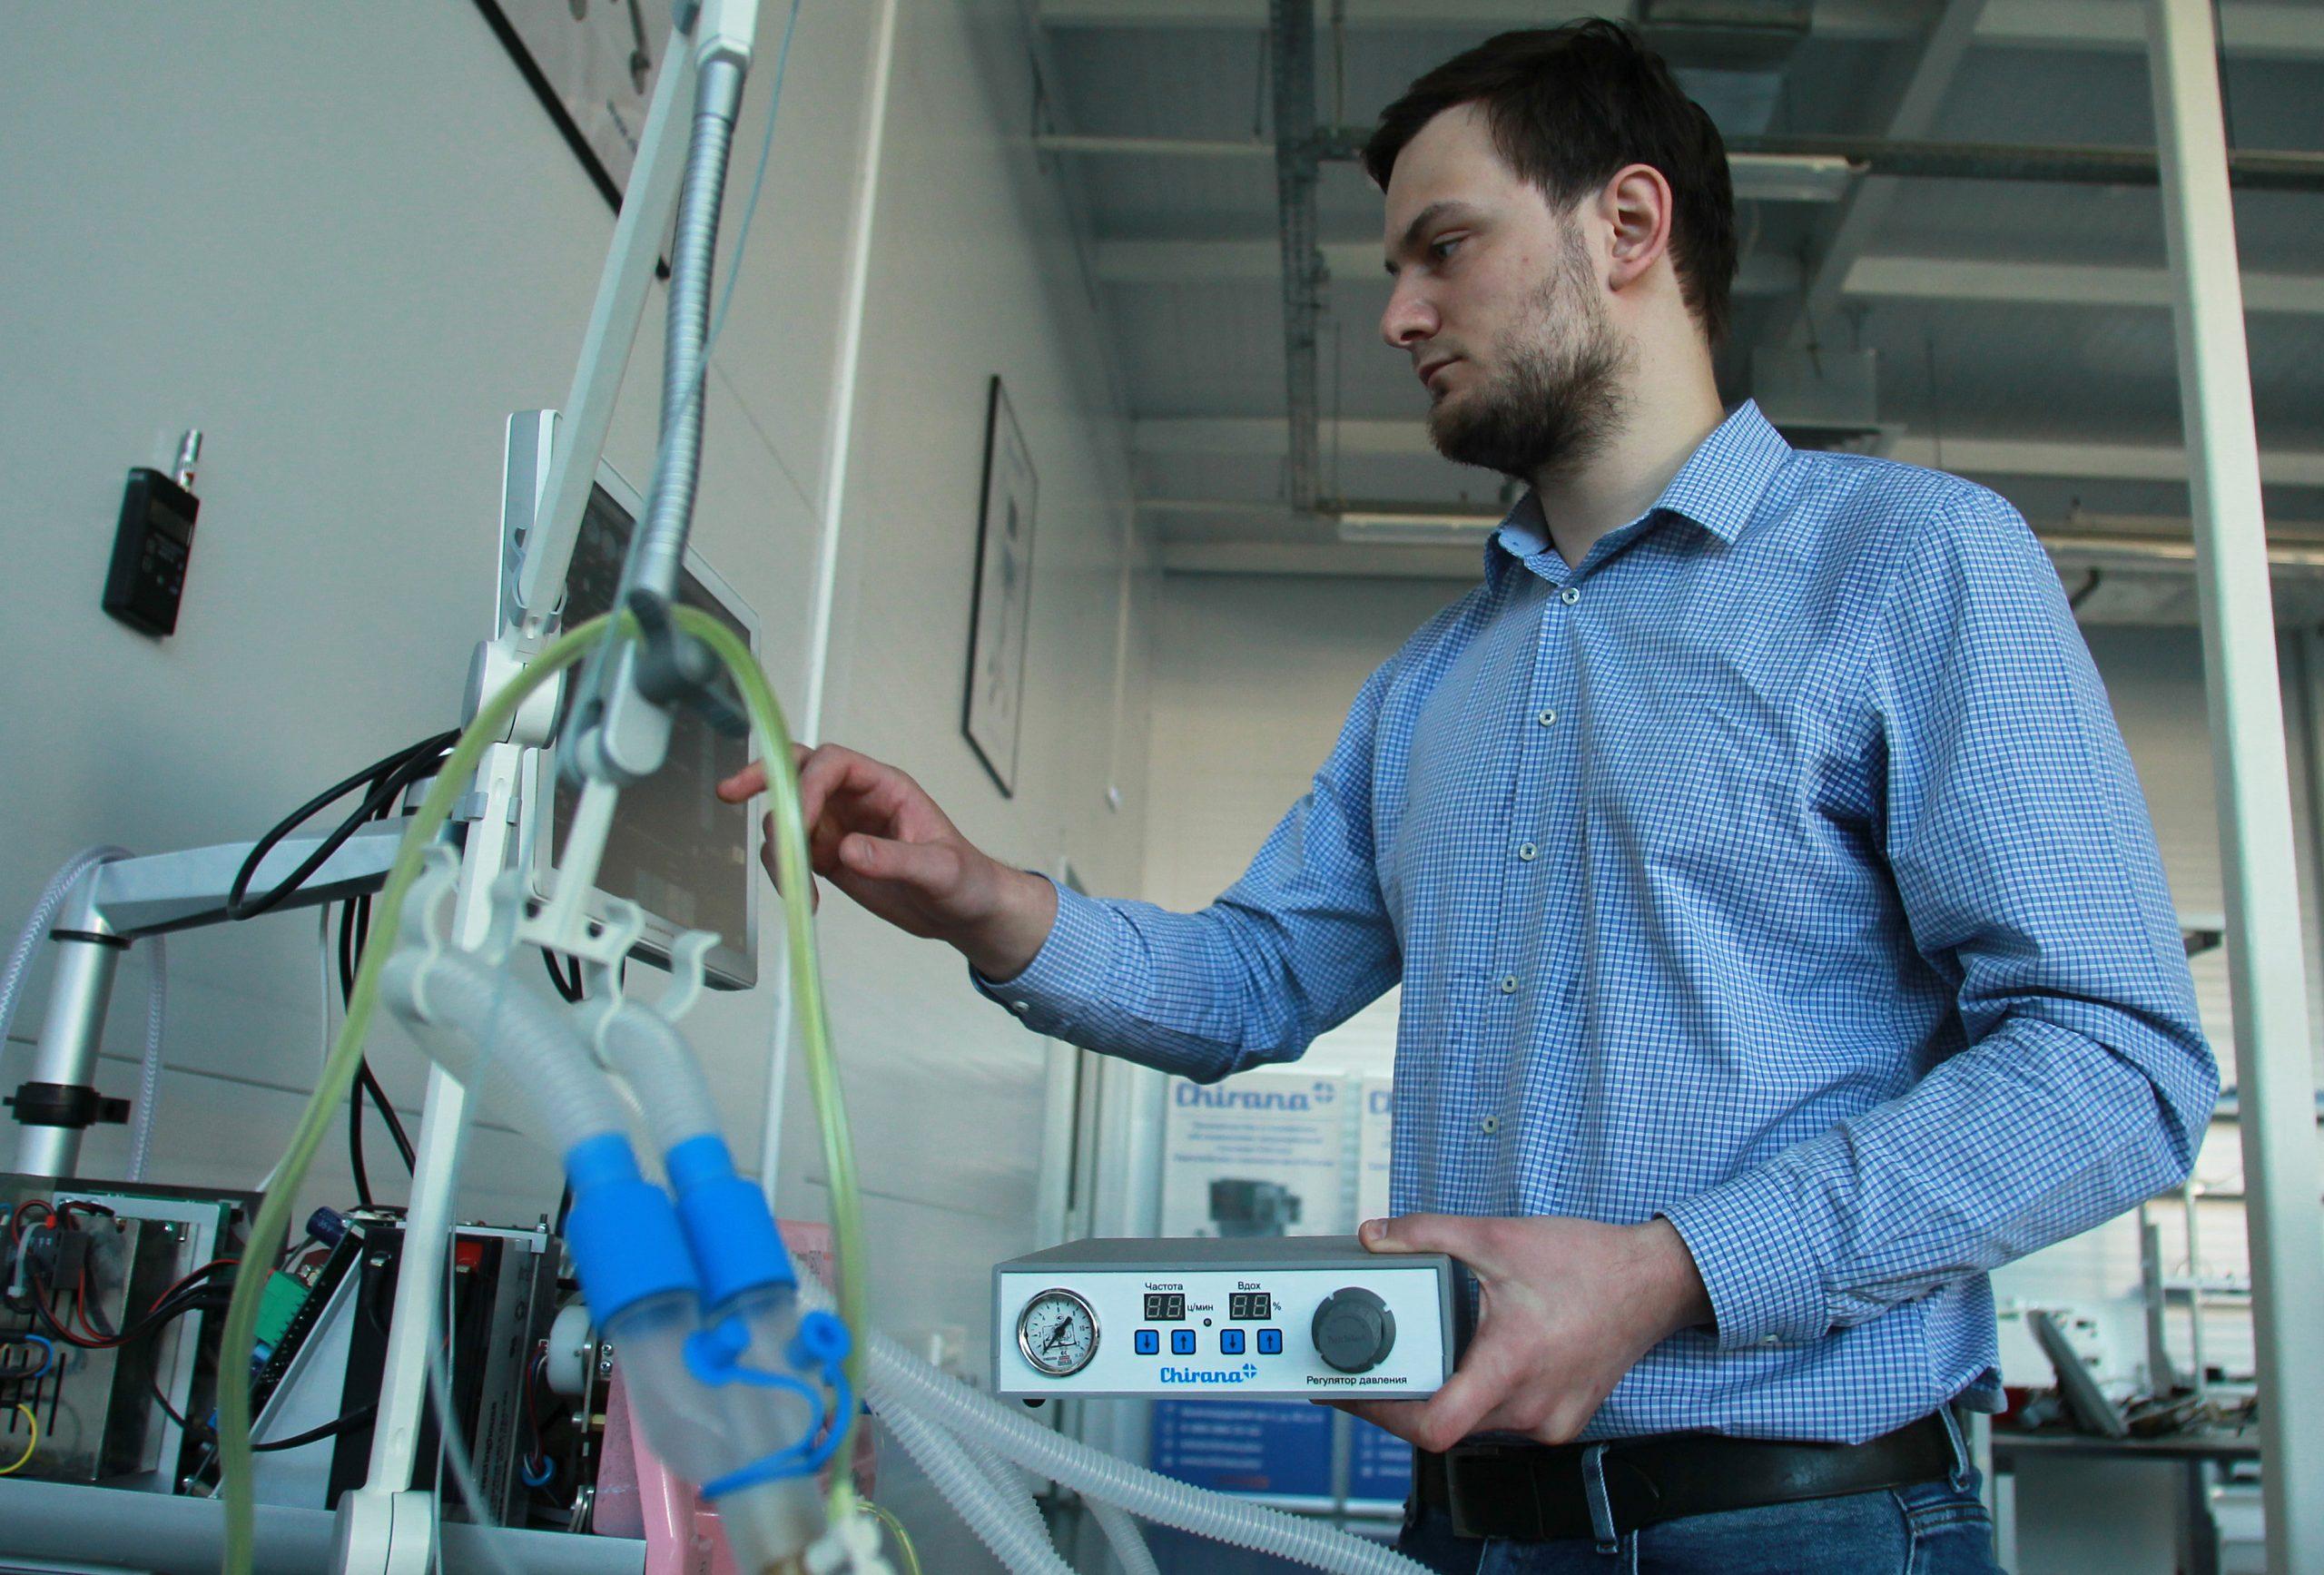 За 24 часа в России обнаружили 19 179 случаев заражения коронавирусом